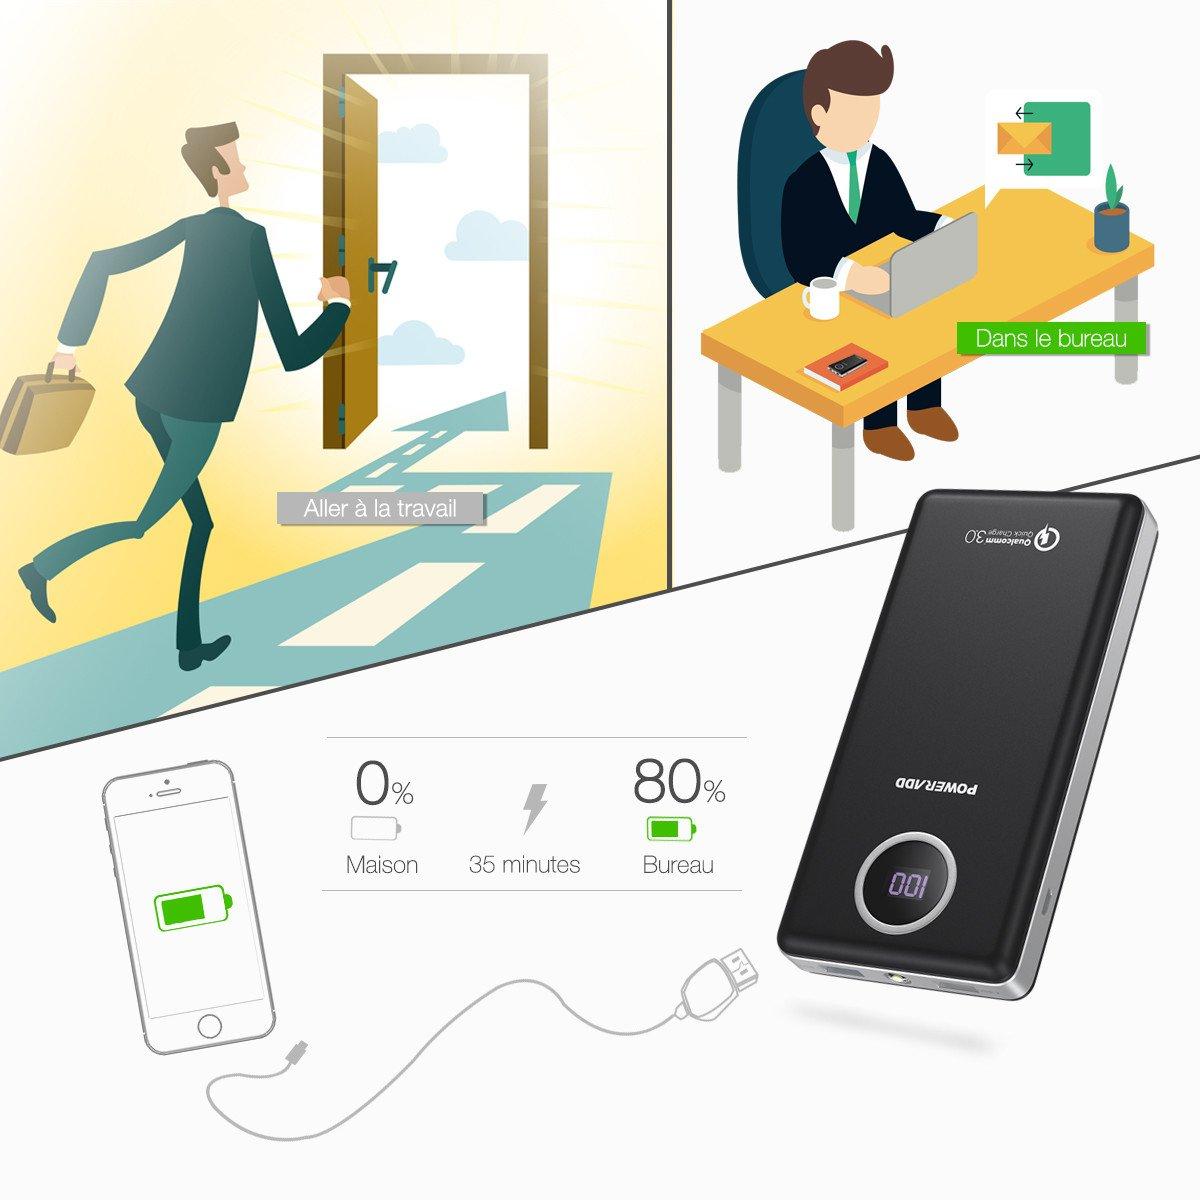 Poweradd 20100mAh batterie externe power bank chargeur portable de secours 2 ports USB(3.0A+1.0A) support QC3.0 quick charge avec un petit LED écran, puisssance pour iPhone, iPad, Samsung Galaxy, des Smartphones et Tablettes-Noir